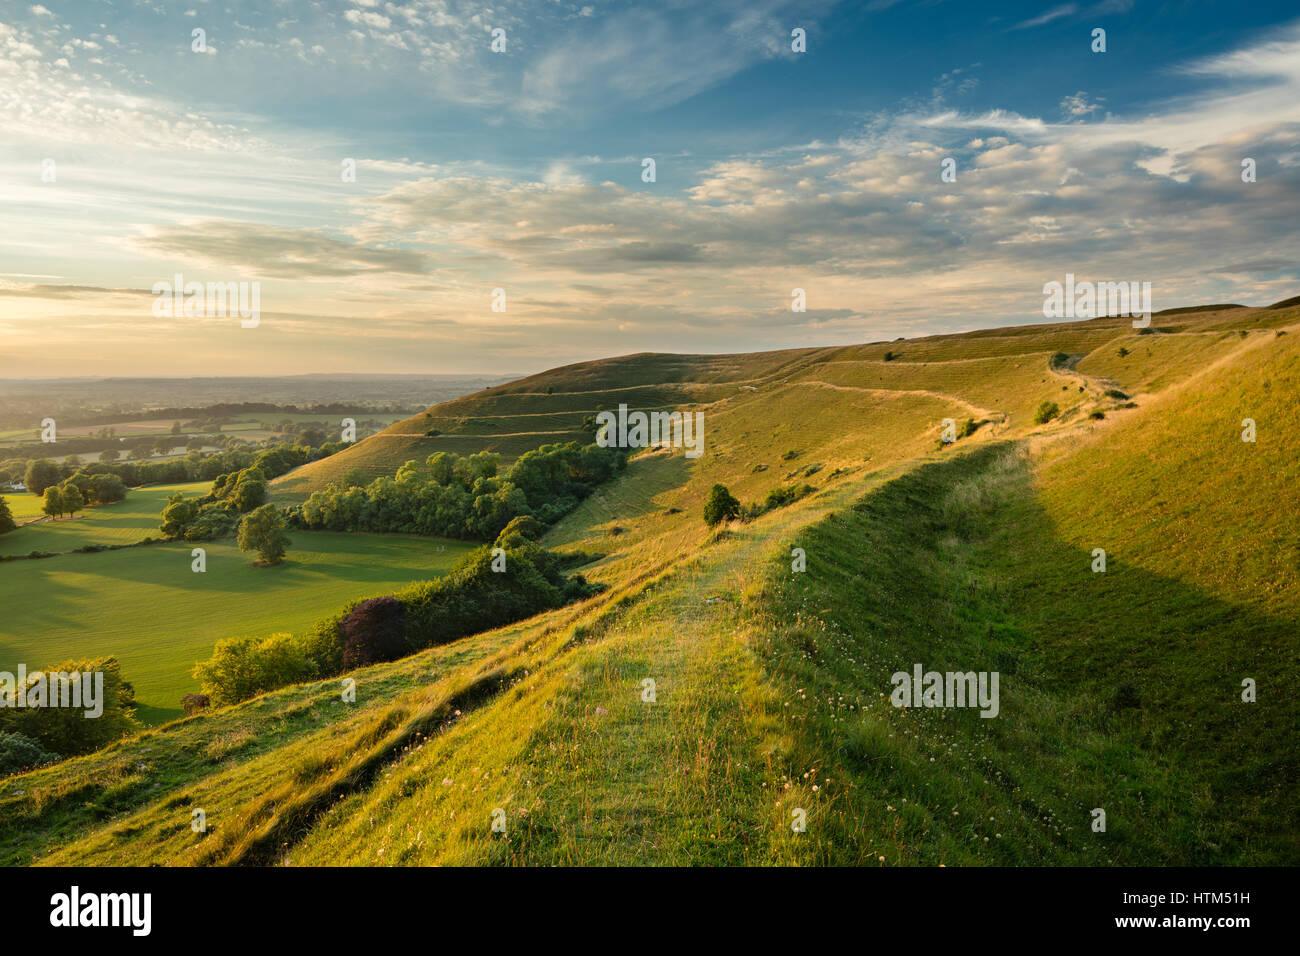 Les remparts de l'âge de fer de fort de Hambledon Hill, nr Blandford Forum, Dorset, England, UK Banque D'Images